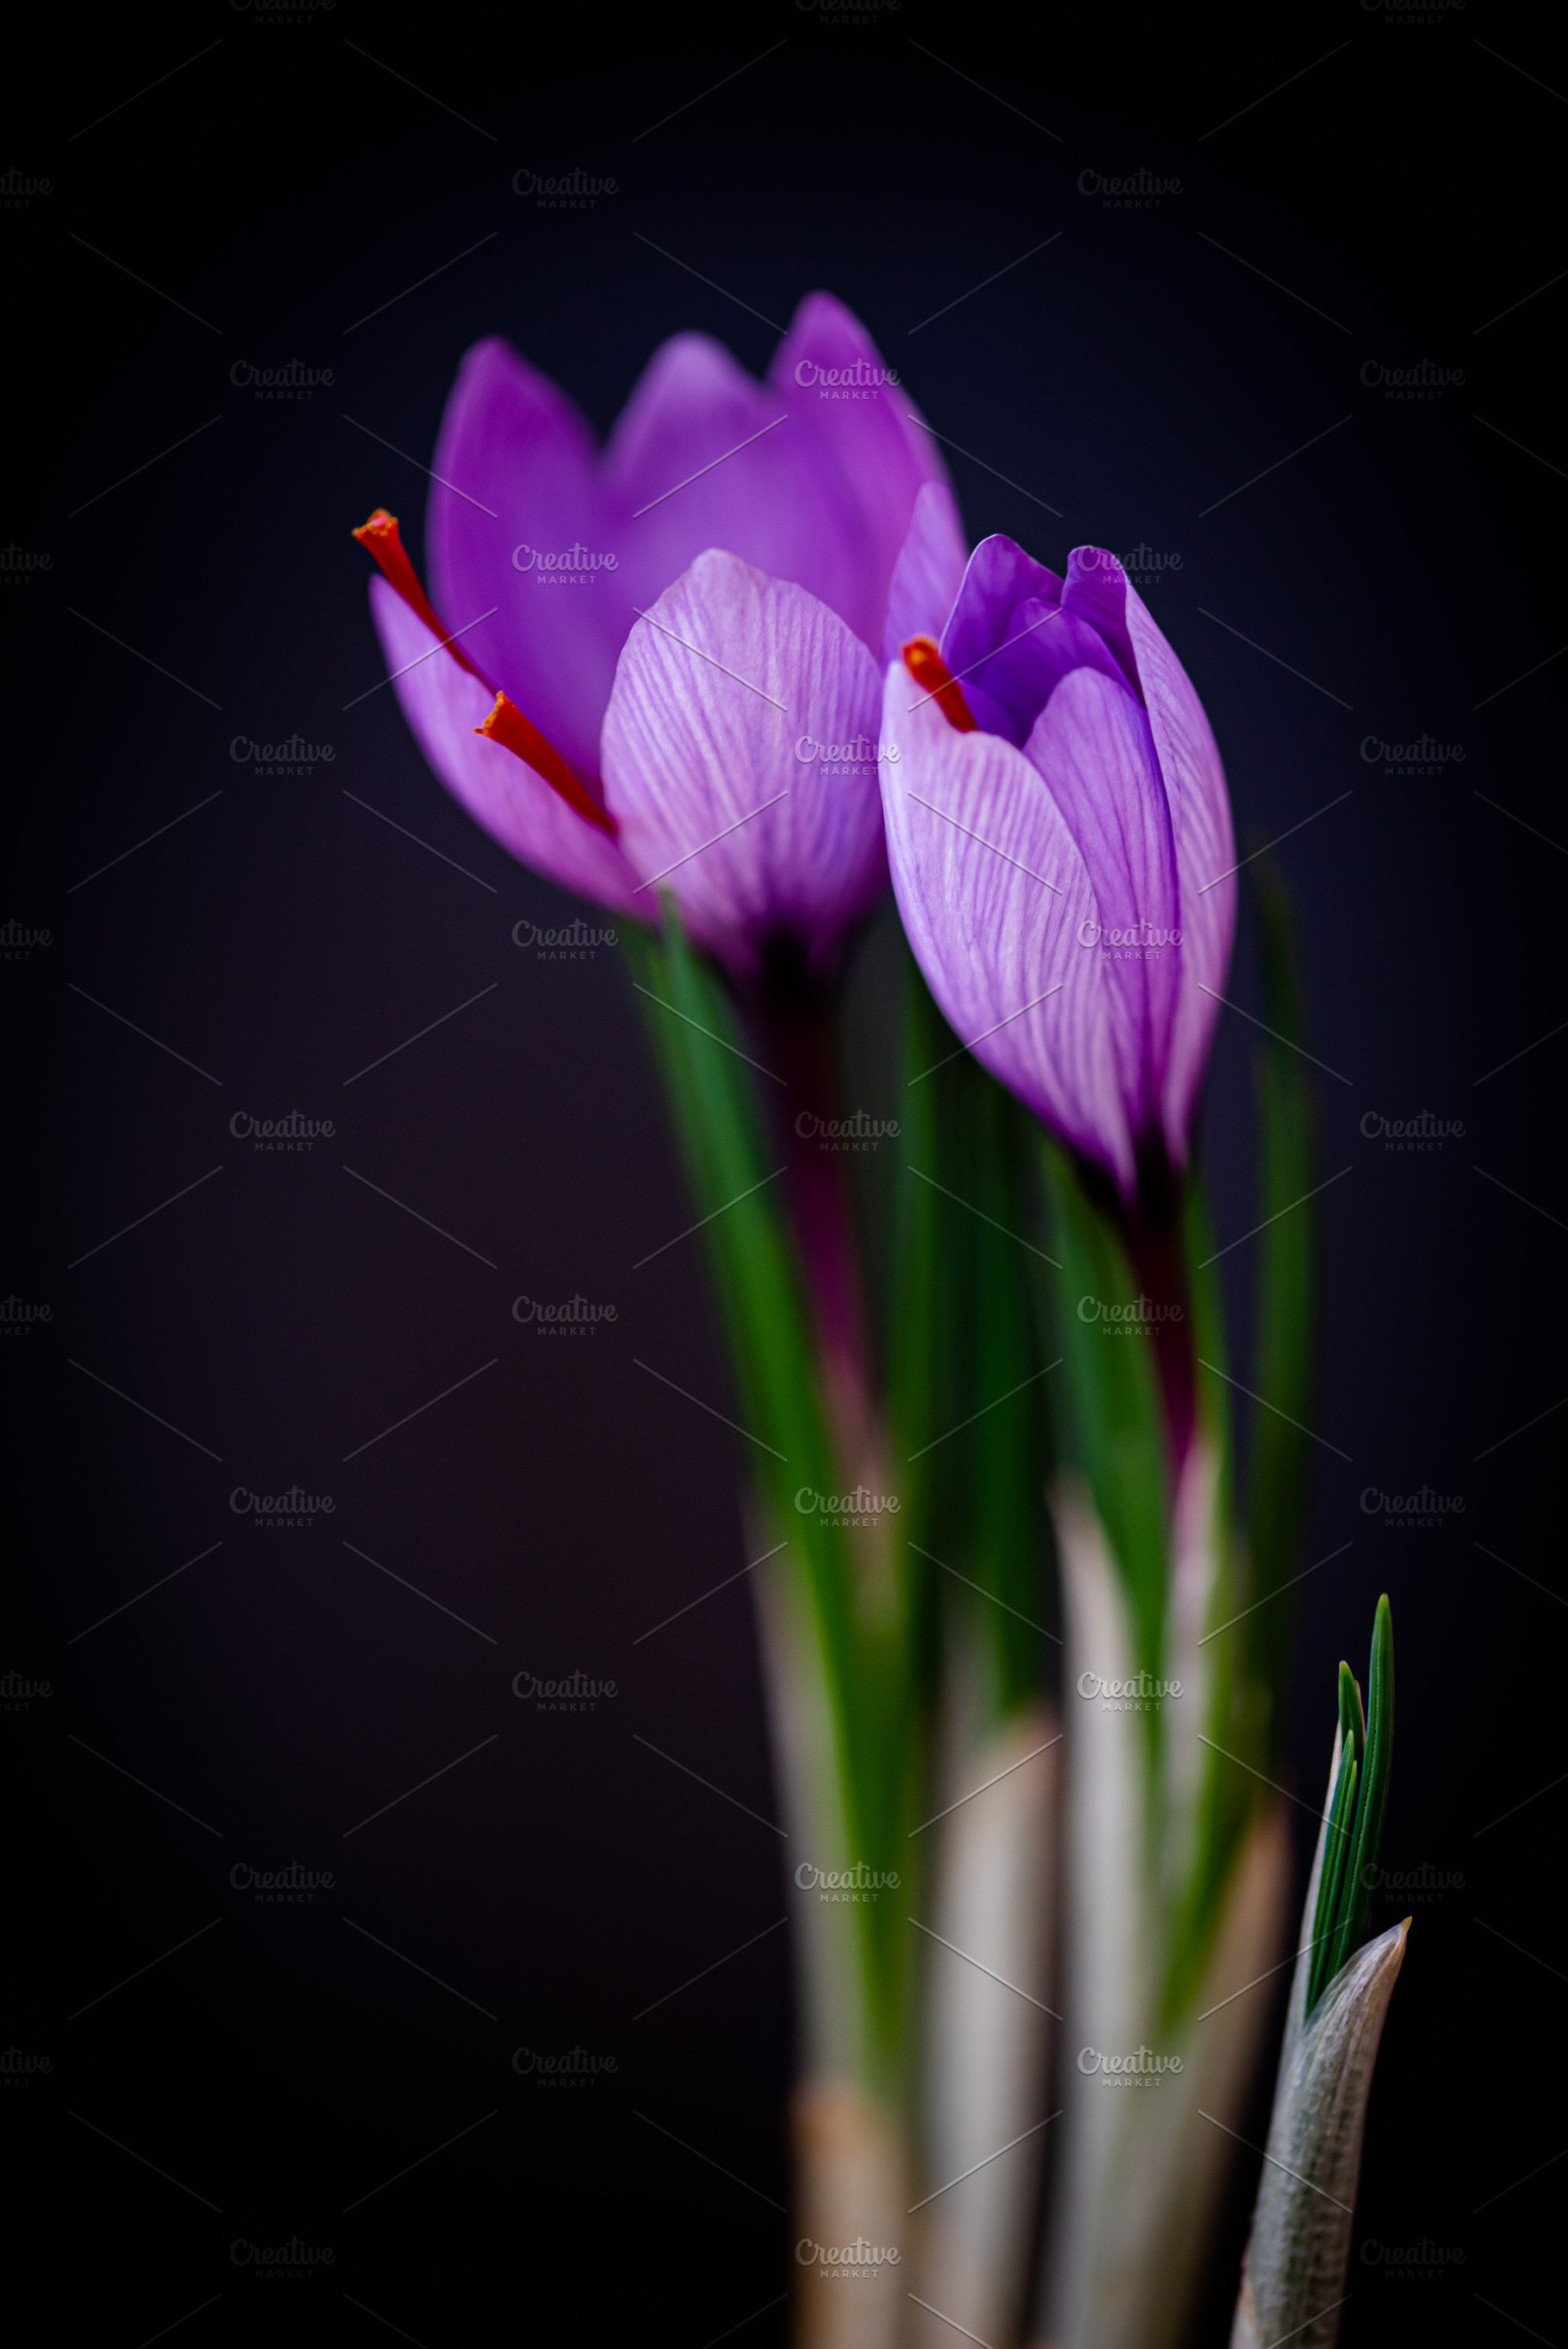 Saffron Flower Over Black Background High Quality Food Images